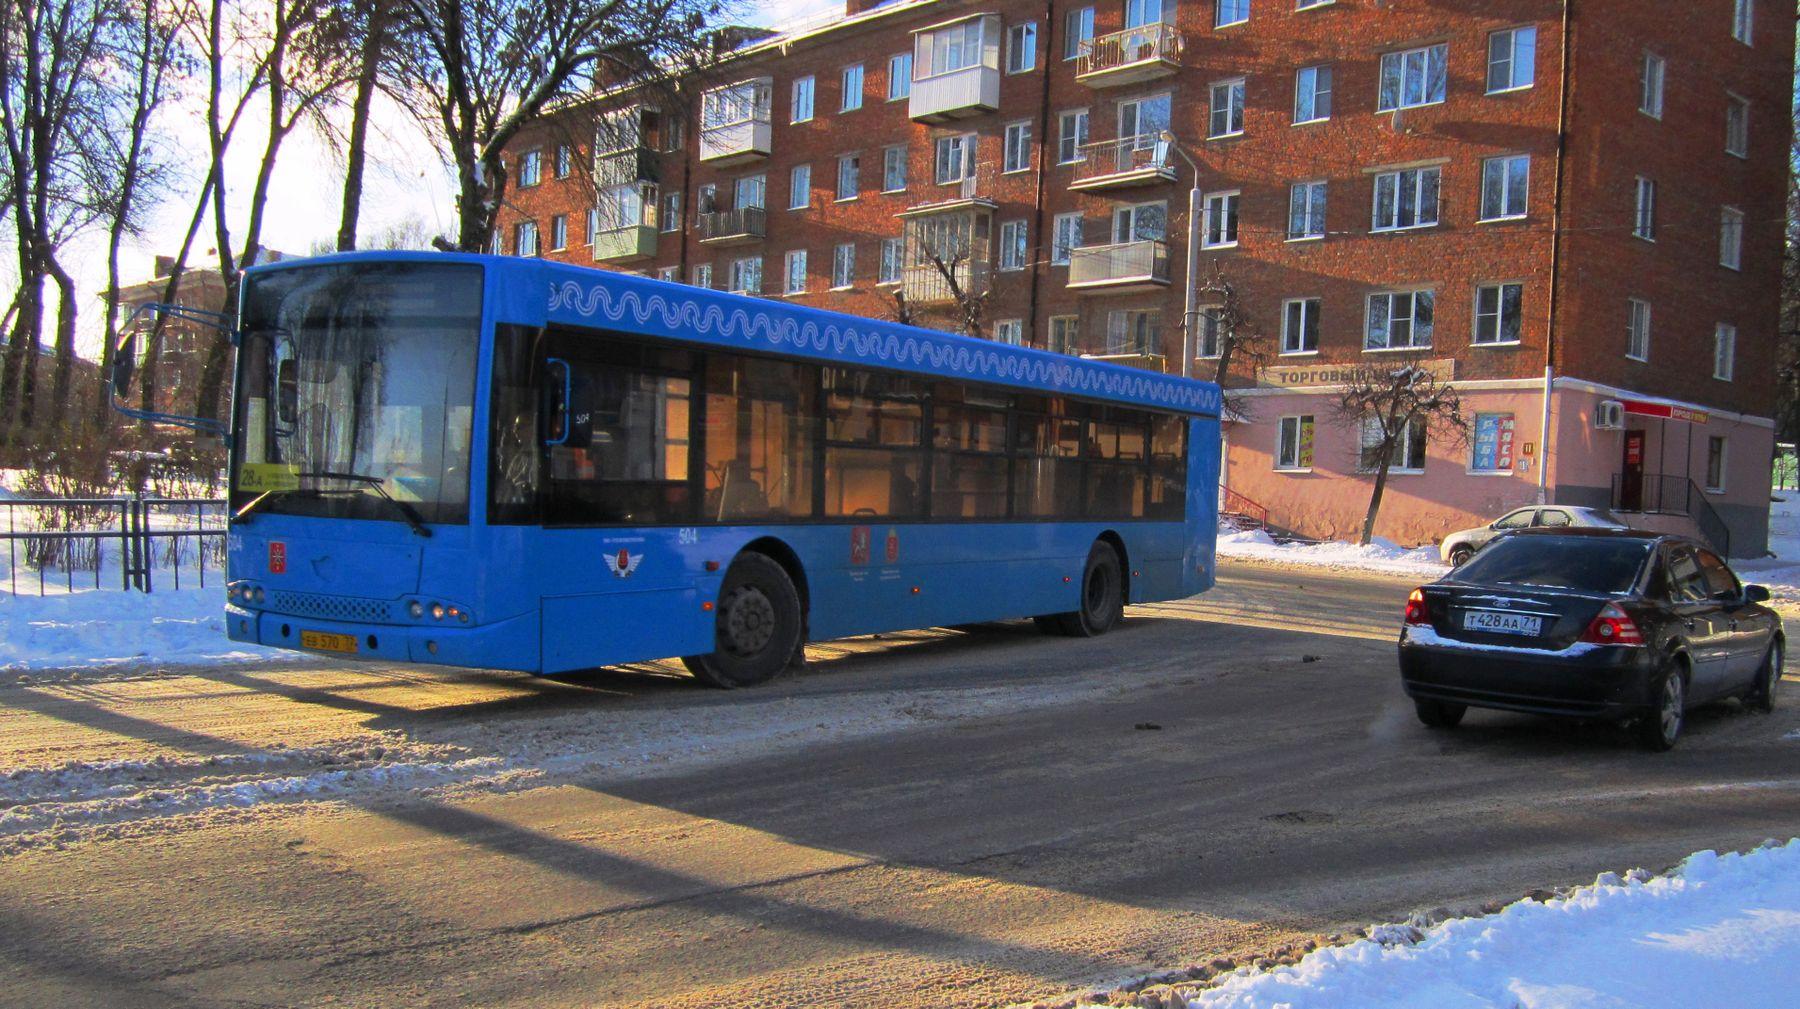 504 Автобус улица город зима